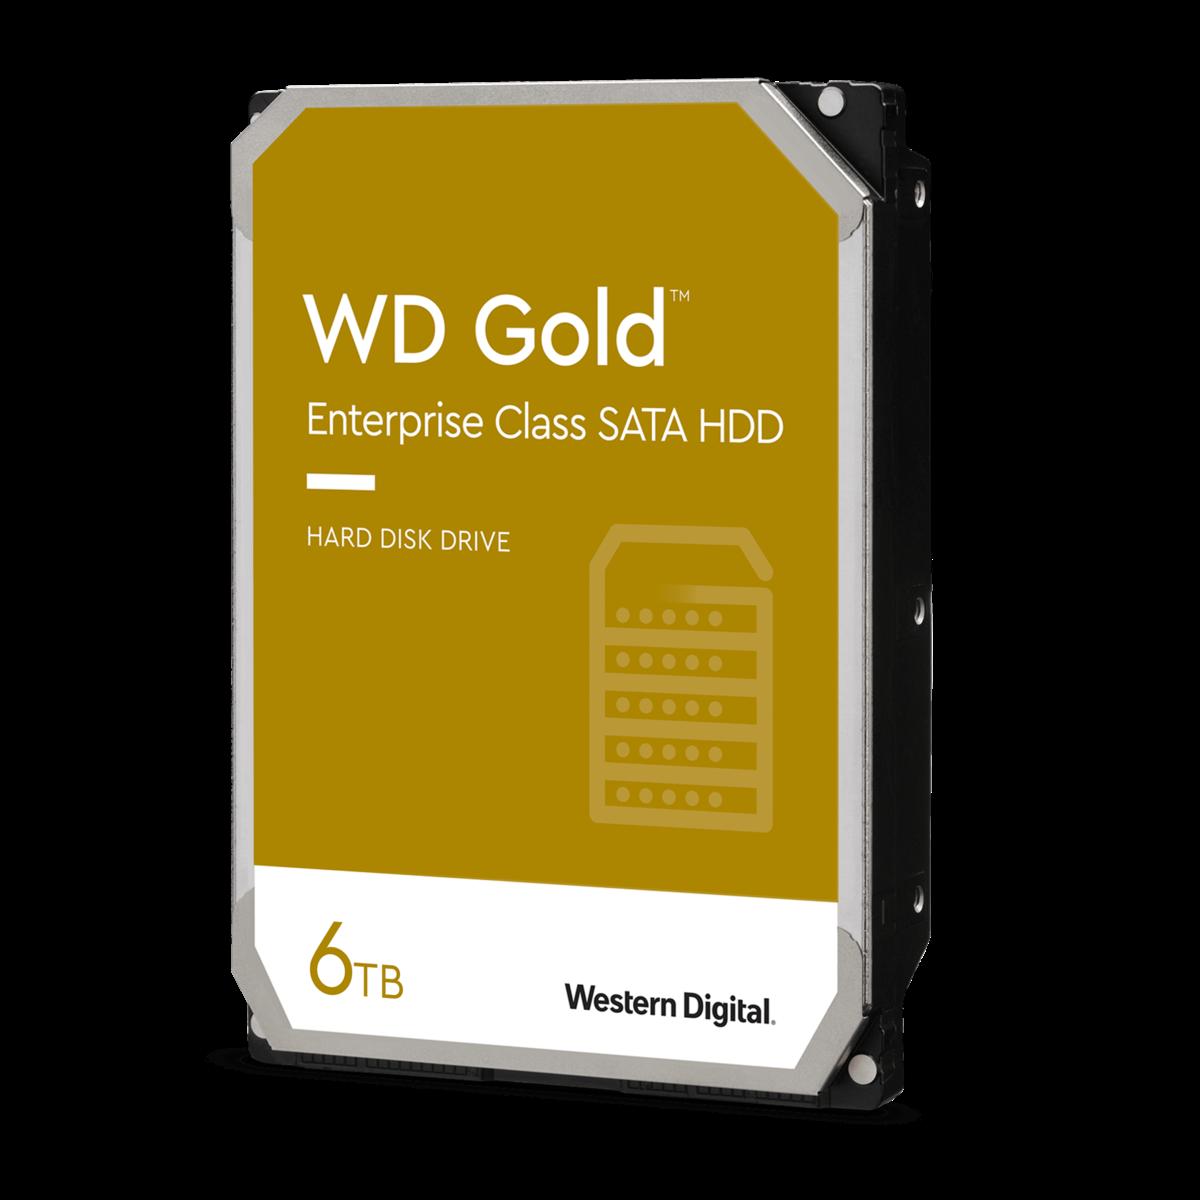 diapositiva 1 de 1,aumentar tamaño, wd gold<sup>™</sup> enterprise class sata hdd 6tb